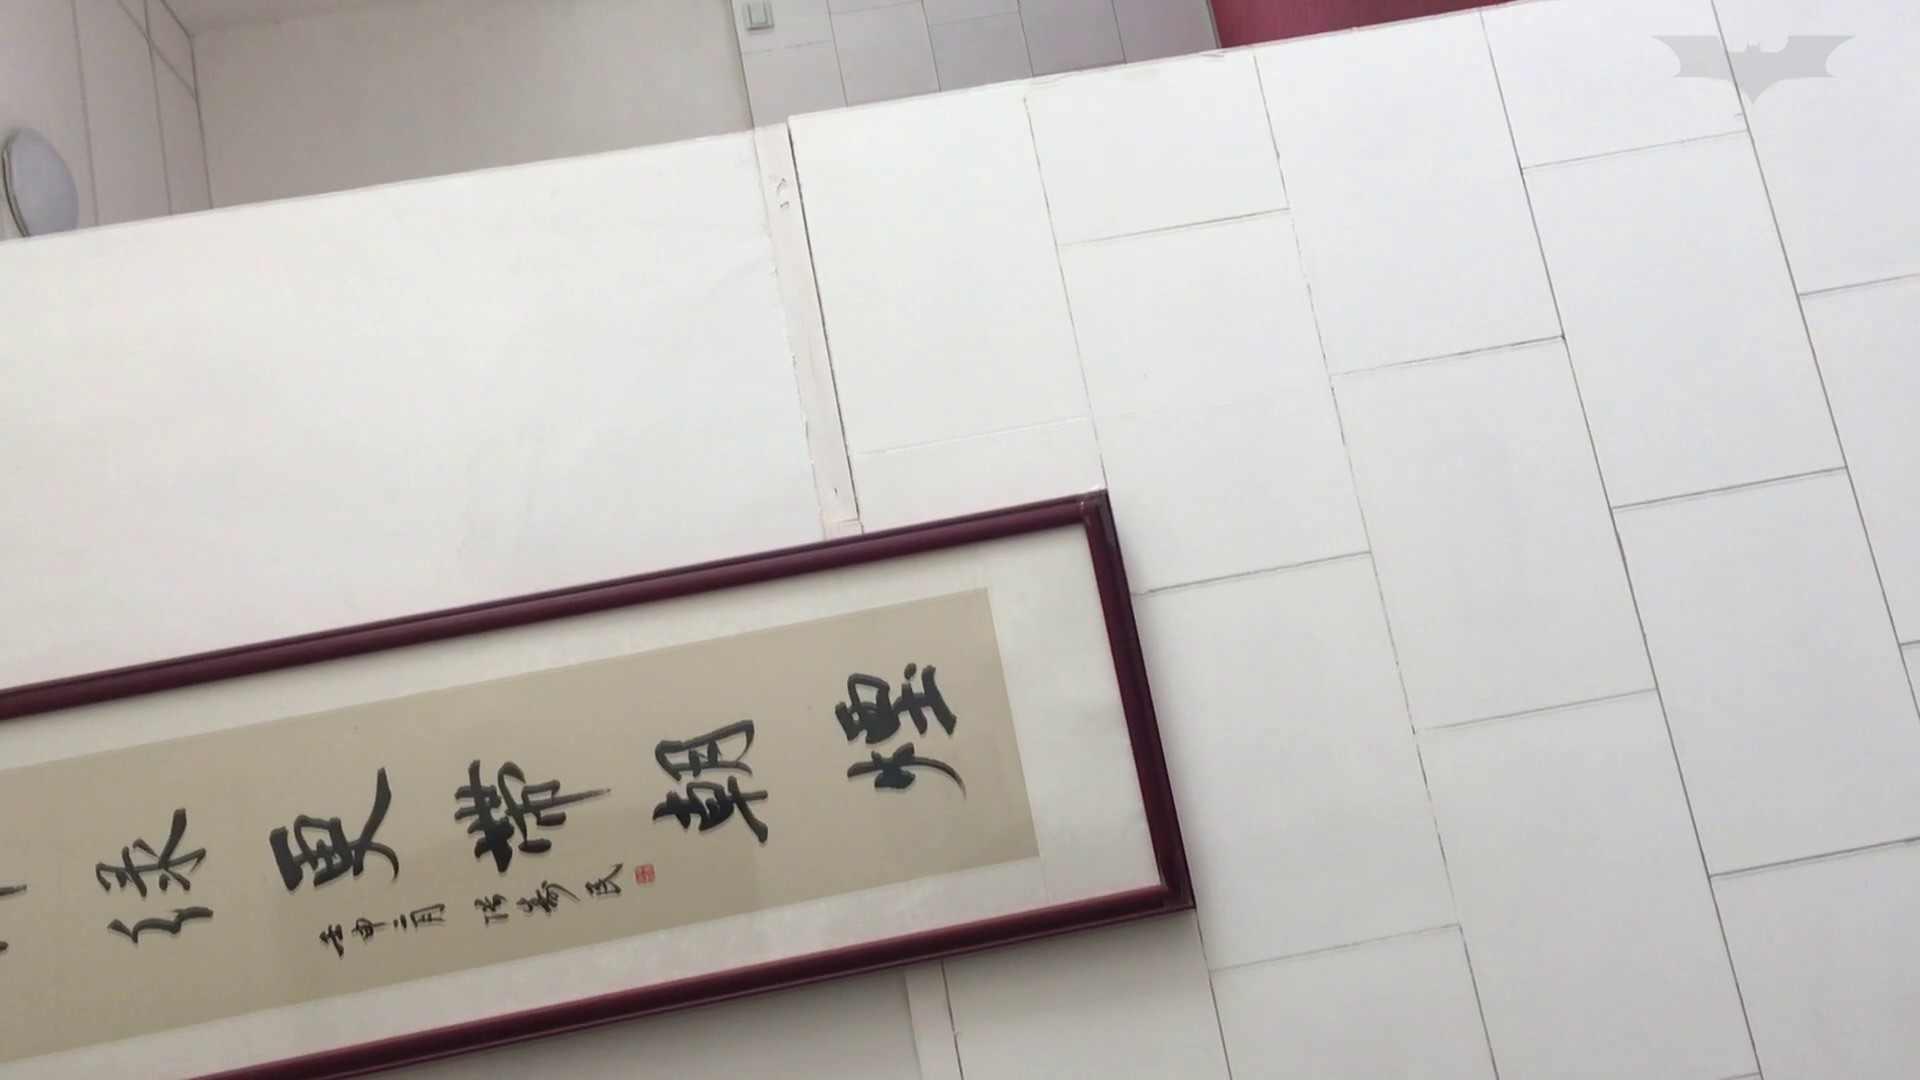 芸術大学ガチ潜入盗sati JD盗撮 美女の洗面所の秘密 Vol.95 ギャル達 ヌード画像 85枚 67